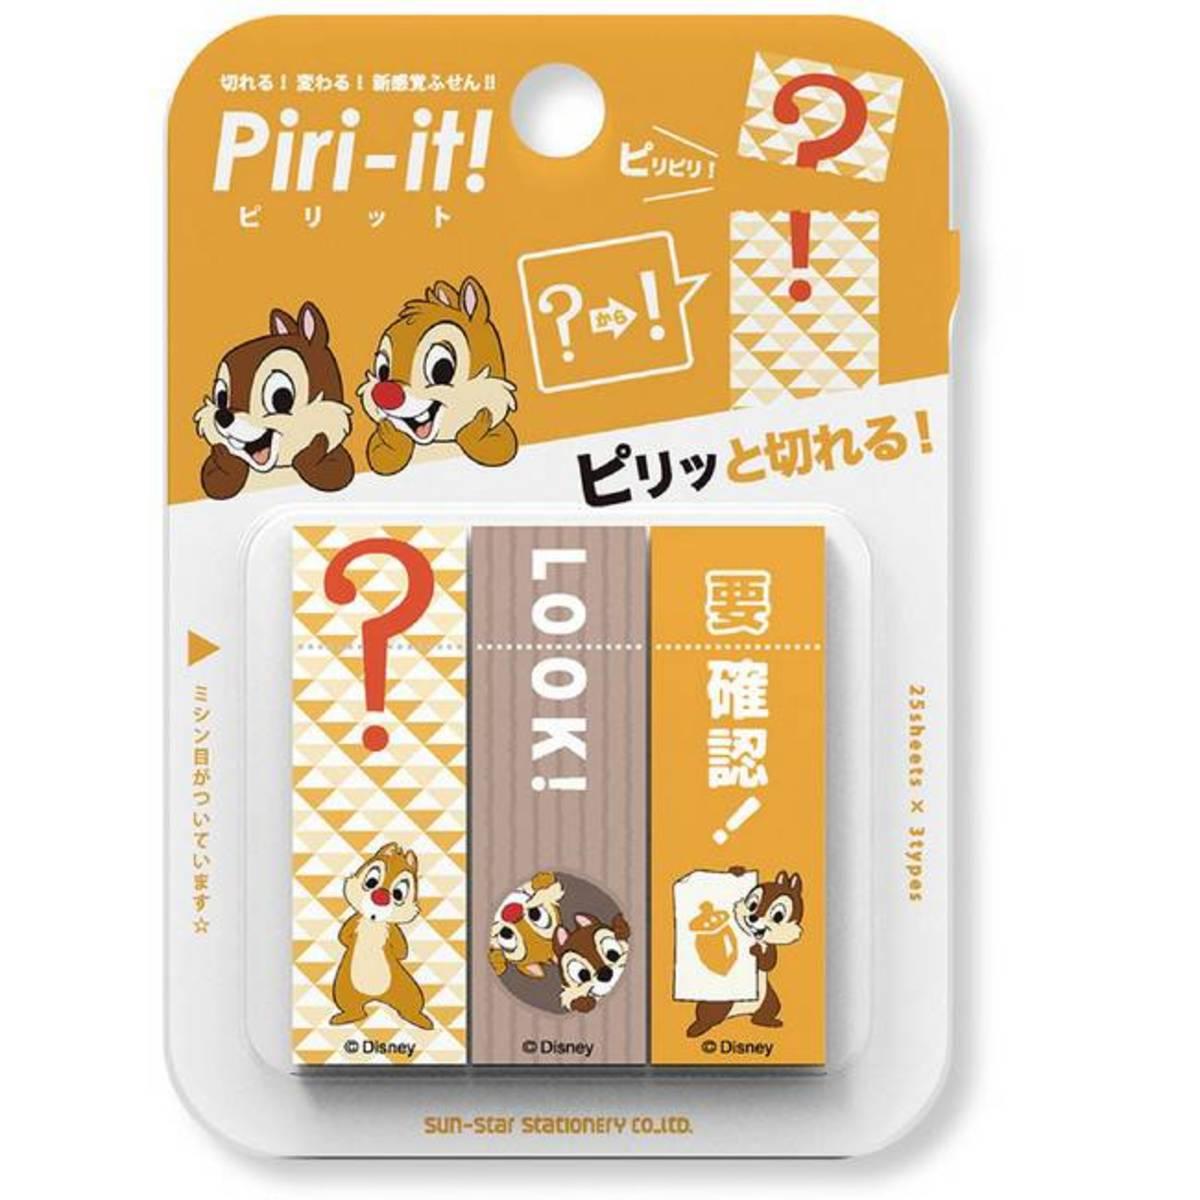 迪士尼 Piri-it! 黏貼便菚 標示貼 (Chip & Dale) 日本製 S2814340